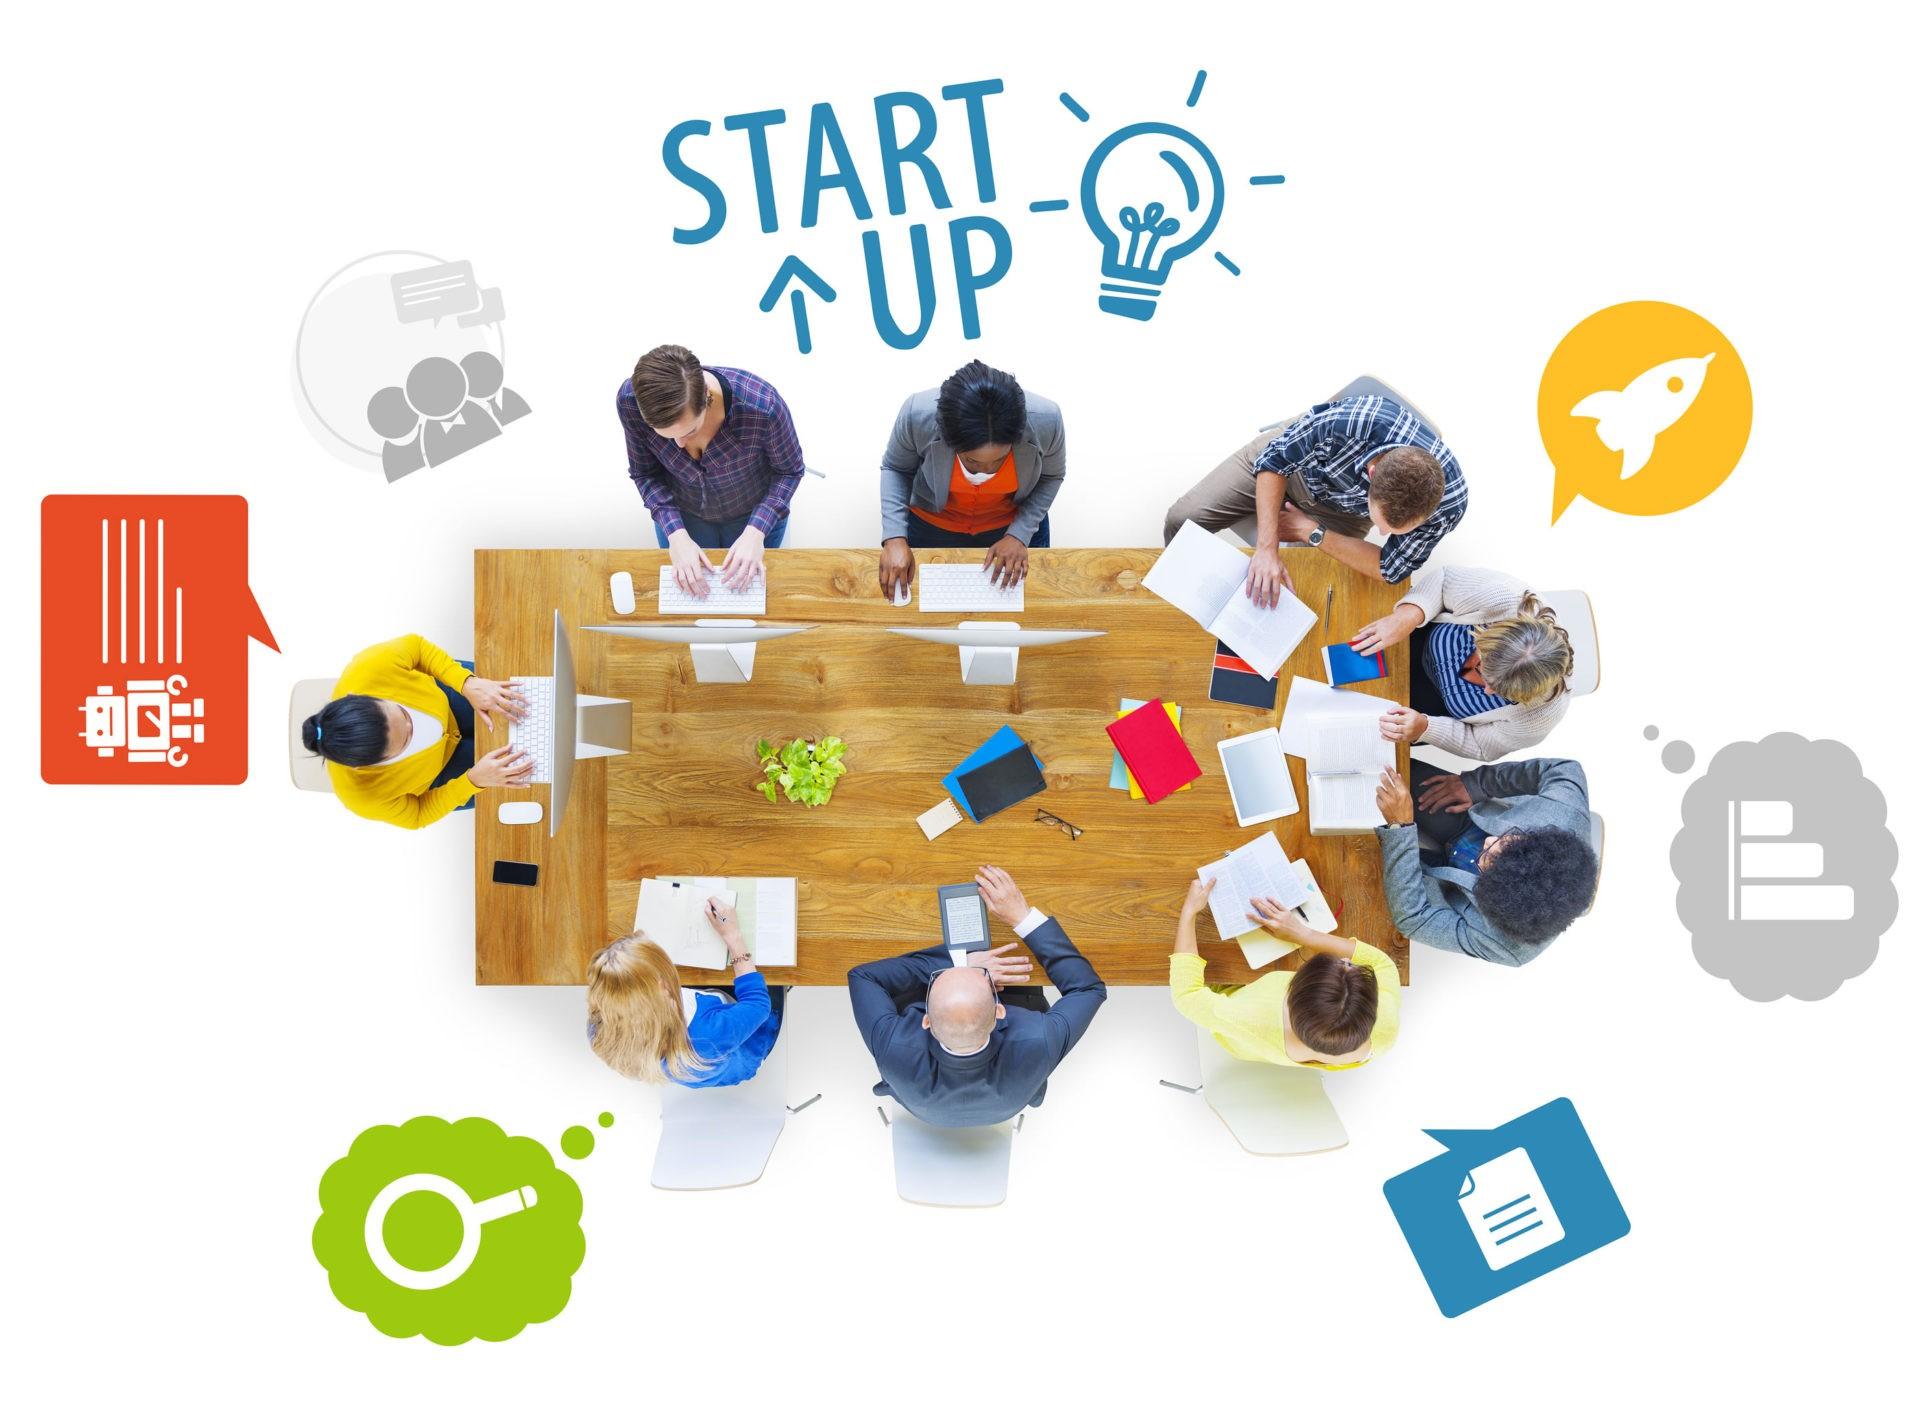 Start-Up La nueva tendencia empresarial.